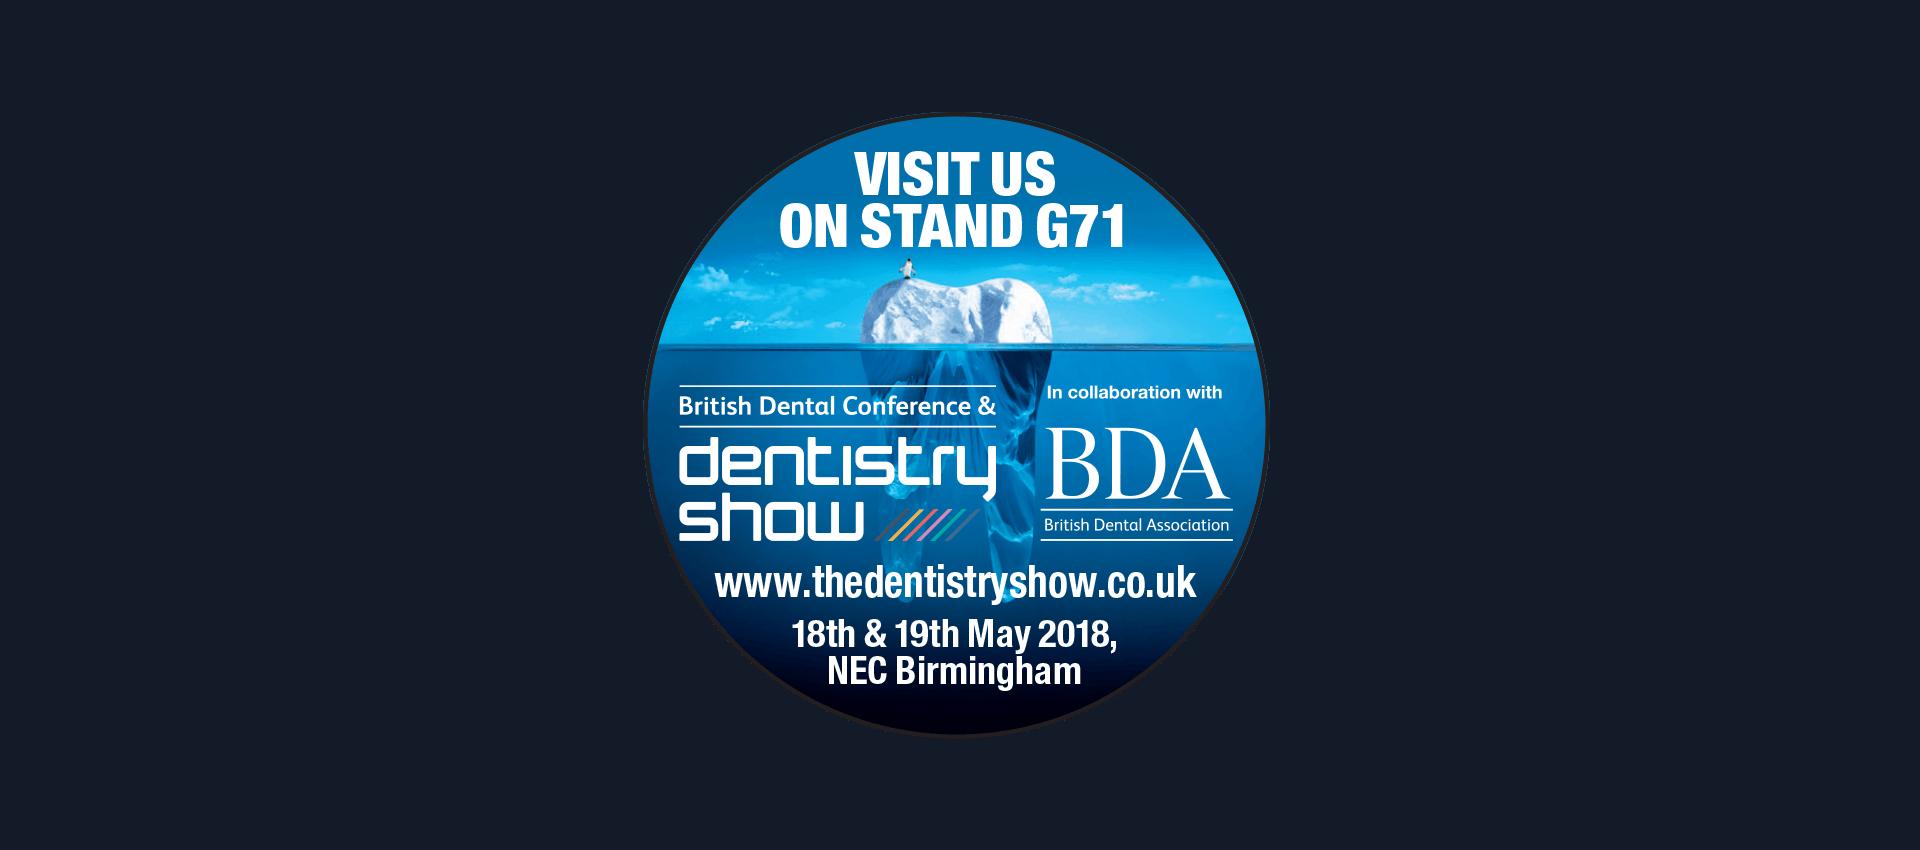 british dentist show